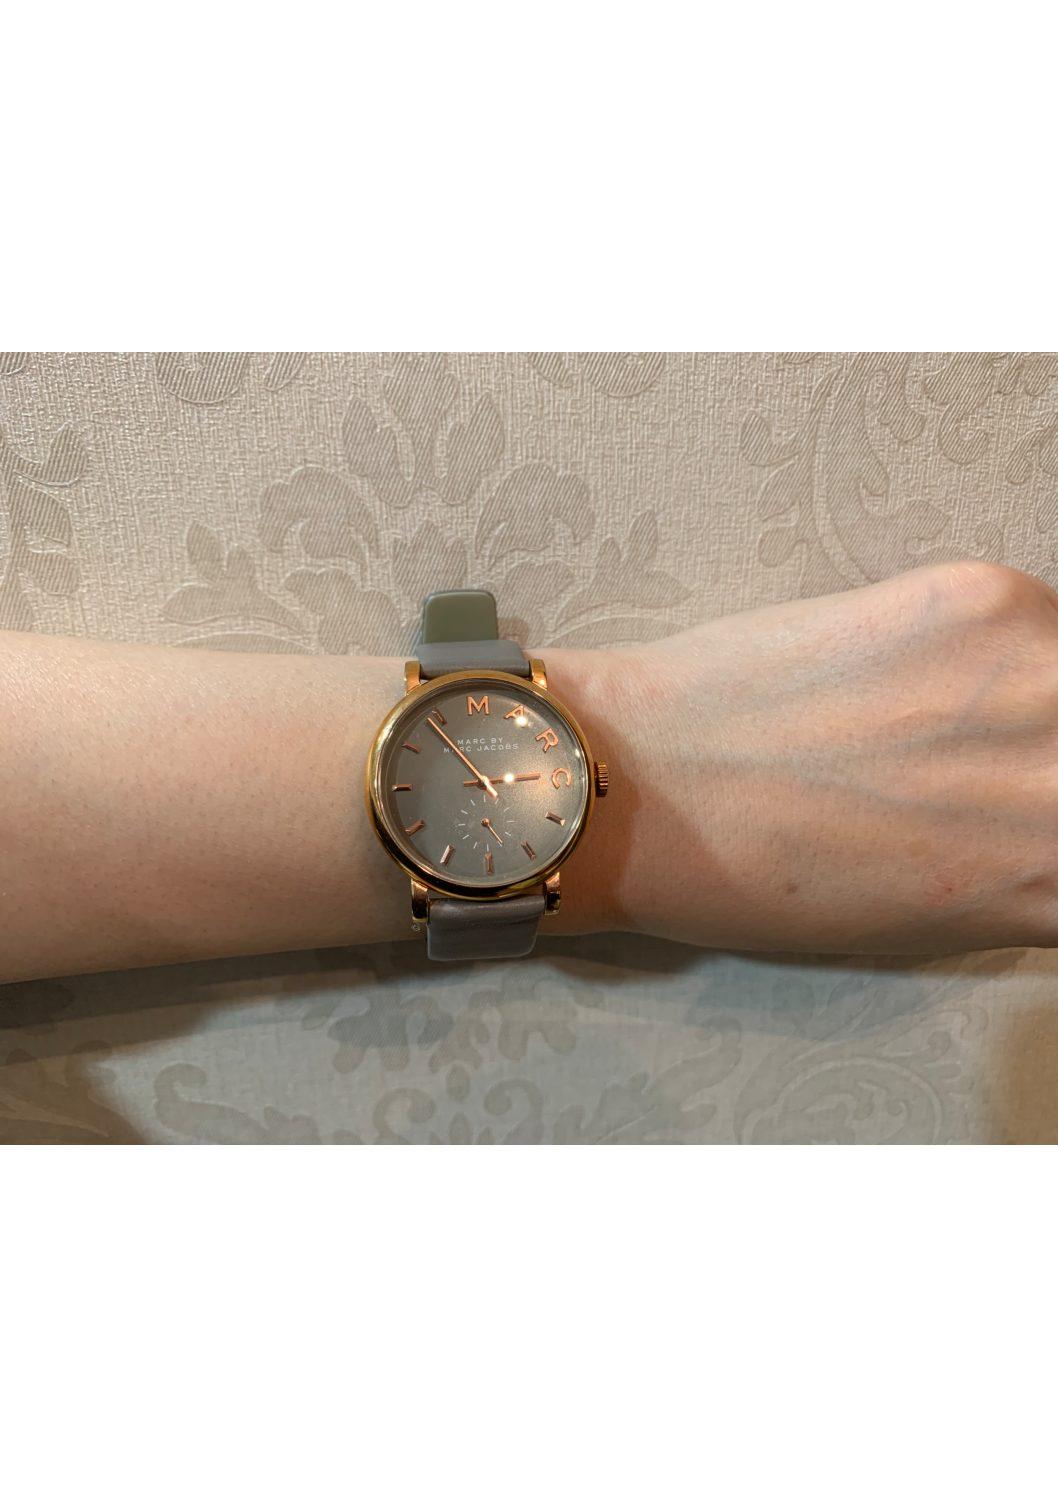 アラフォーだからこそ、手と手首が綺麗に見える時計を選ぼう!!